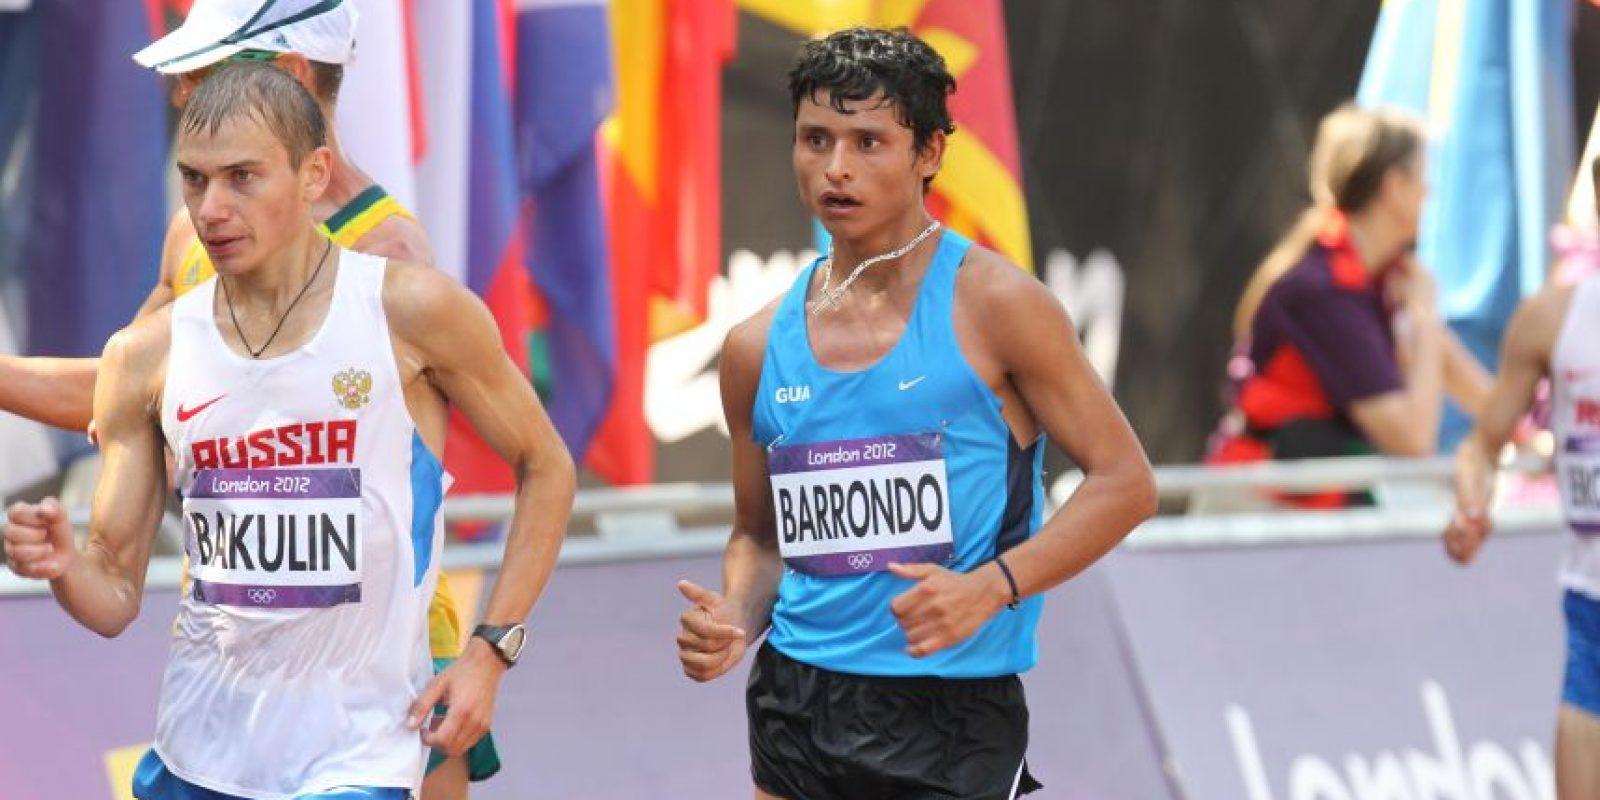 El español Paquillo Fernández se hará cargo de la preparación de Barrondo y Ortiz previo al Mundial de Londres 2017. Foto:Publisport